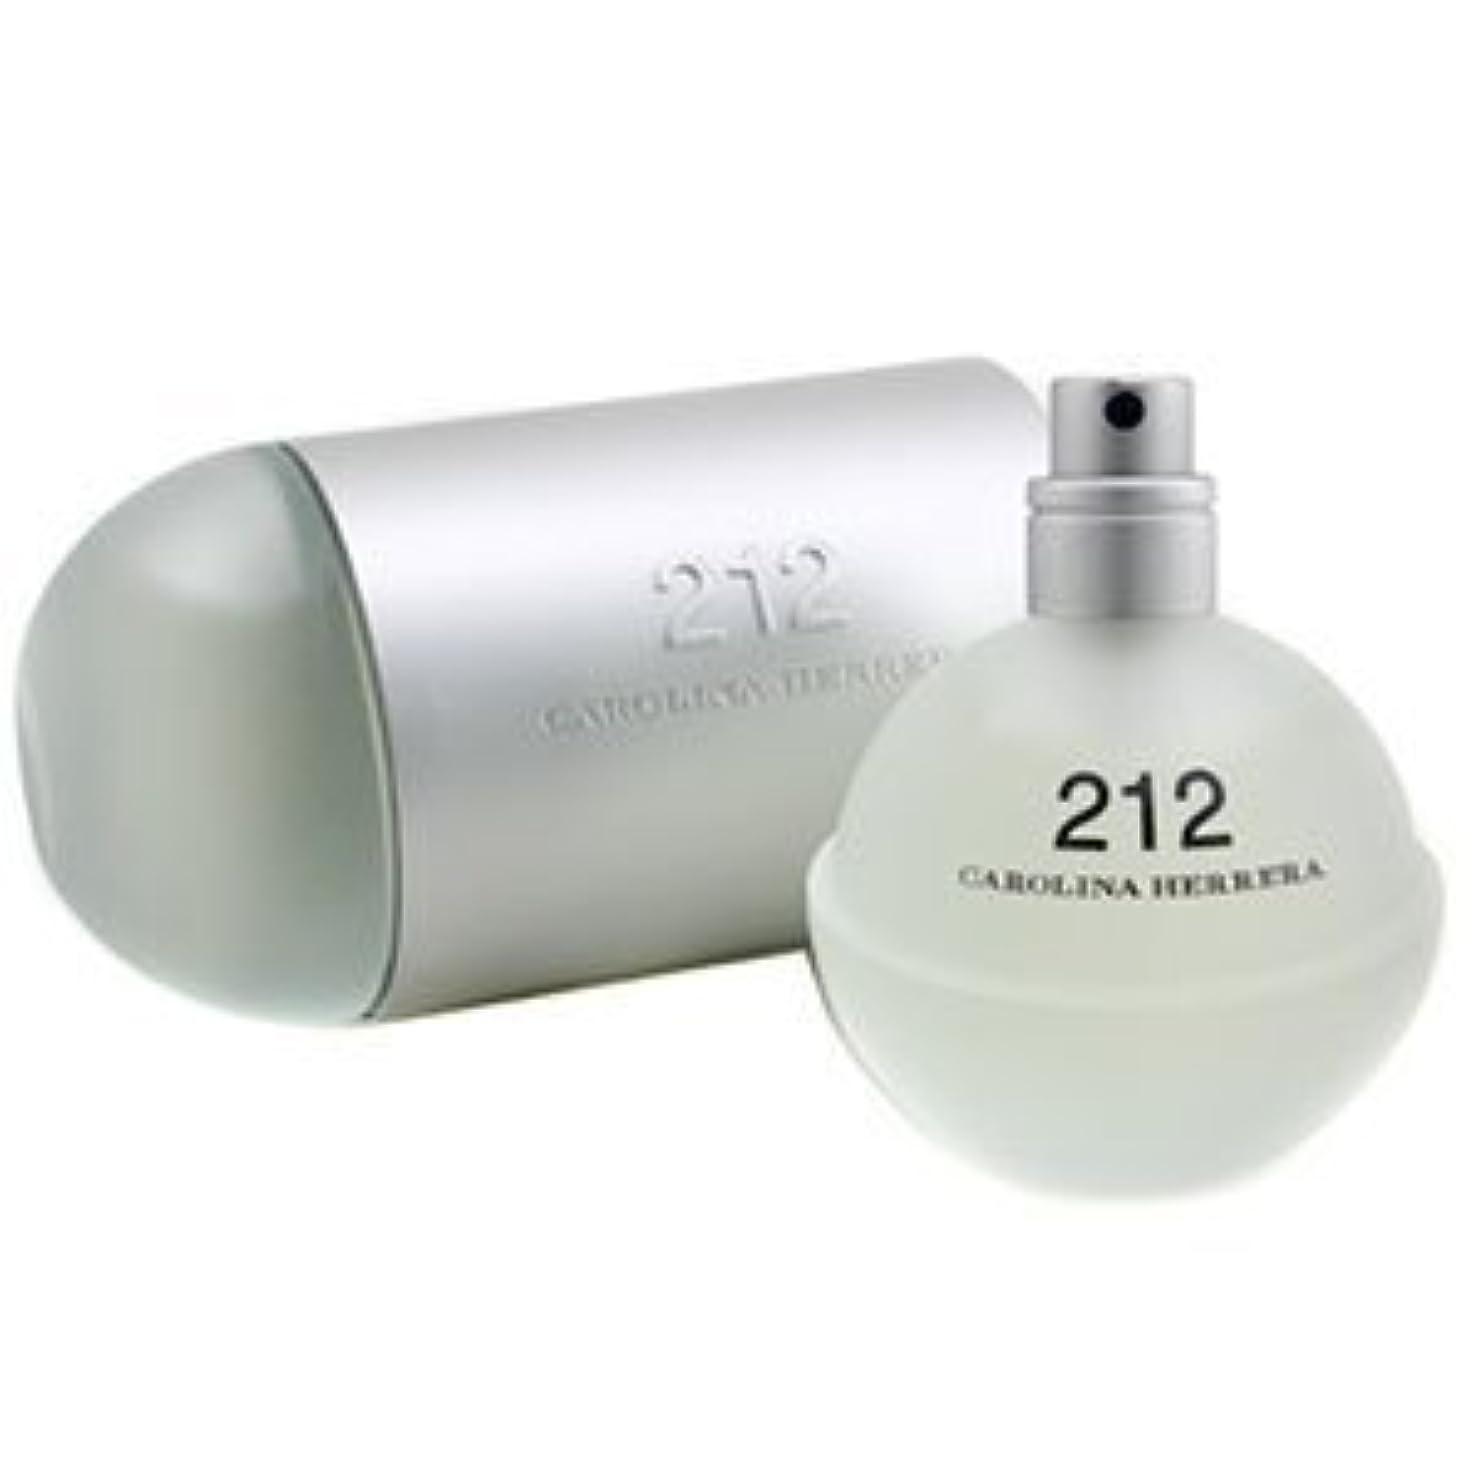 対称励起印象的キャロライナ ヘレラ 香水 212 EDT SP 60ml ( 30ml ×2) 【並行輸入品】